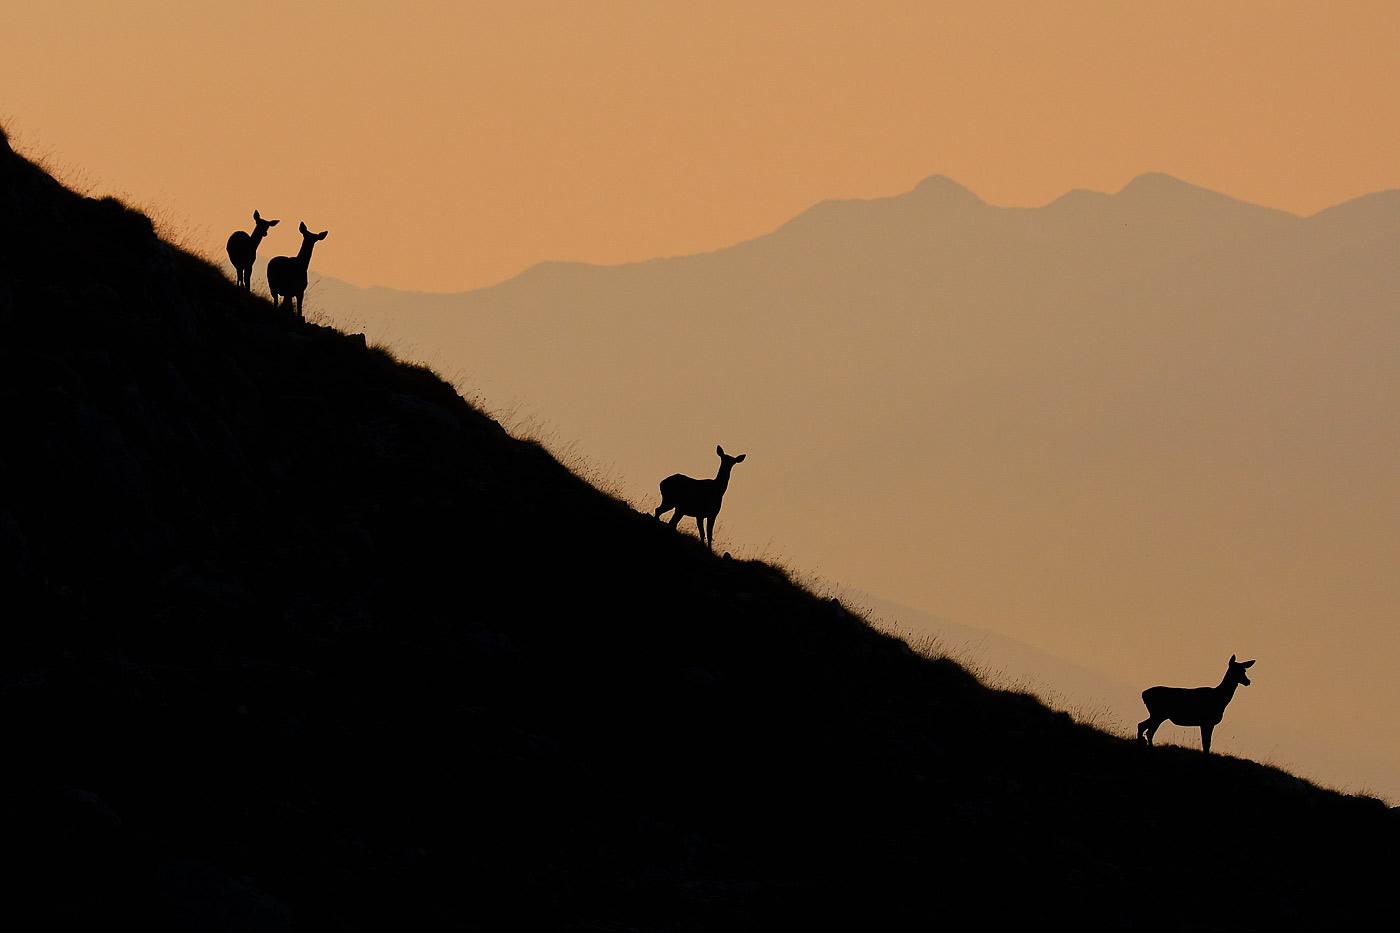 Cerve in silhoutte all'alba - Monte Velino